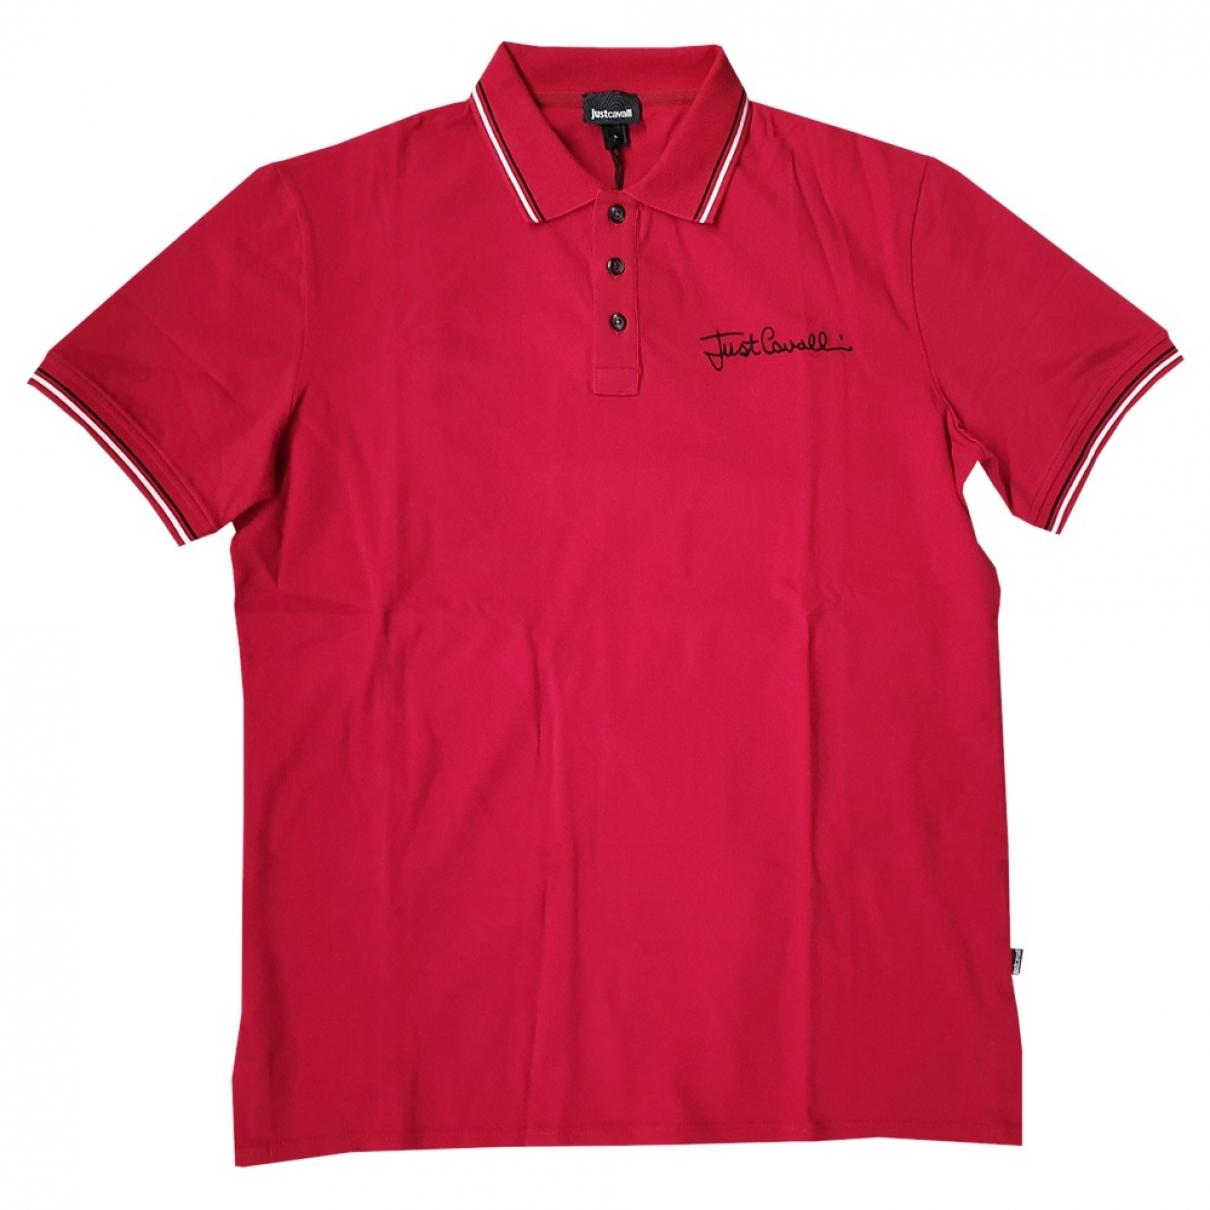 Polo en Algodon Rojo Just Cavalli